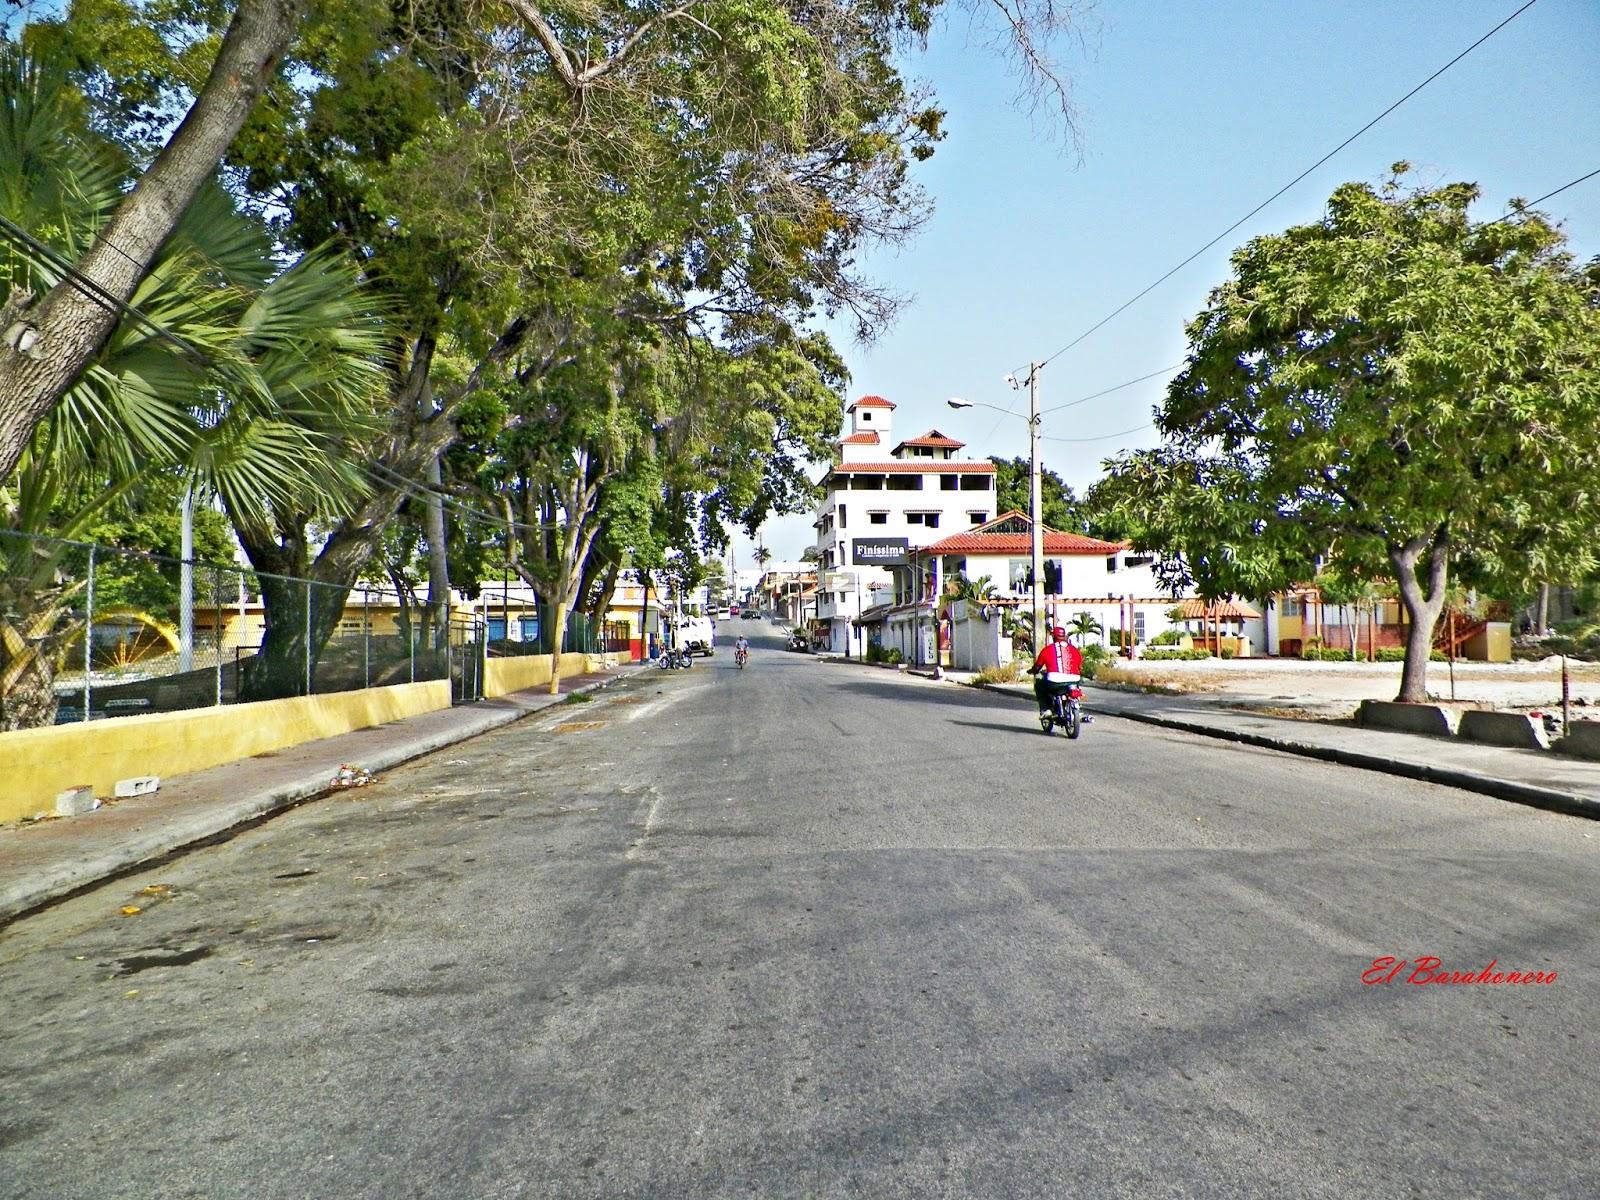 , Calle Uruguay, la verdadera historia jamás contada